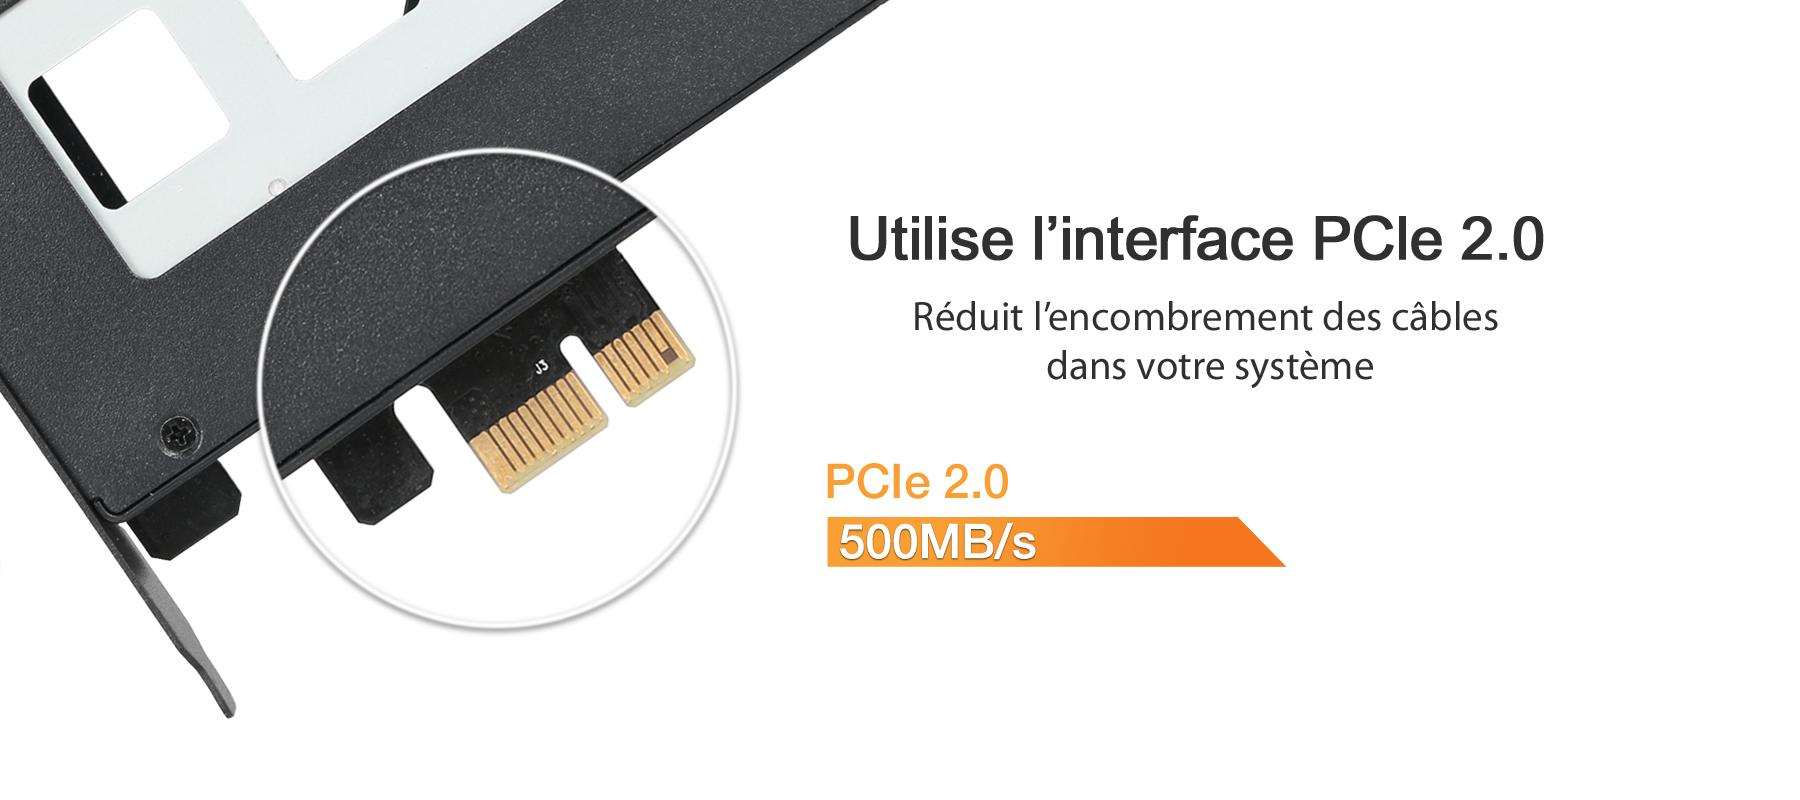 Photo de l'interface PCIe 2.0 utilisée par le MB839SP-B